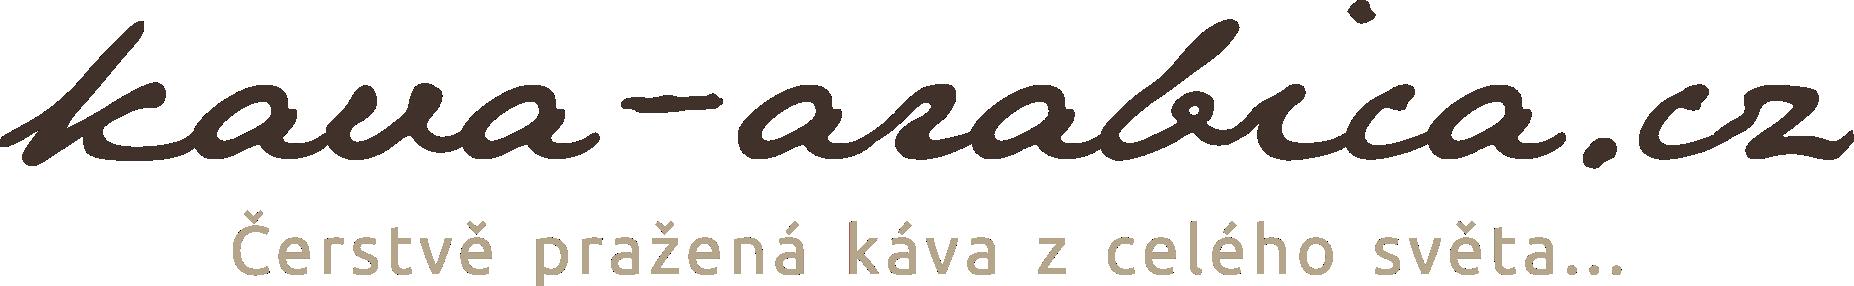 www.kava-arabica.cz